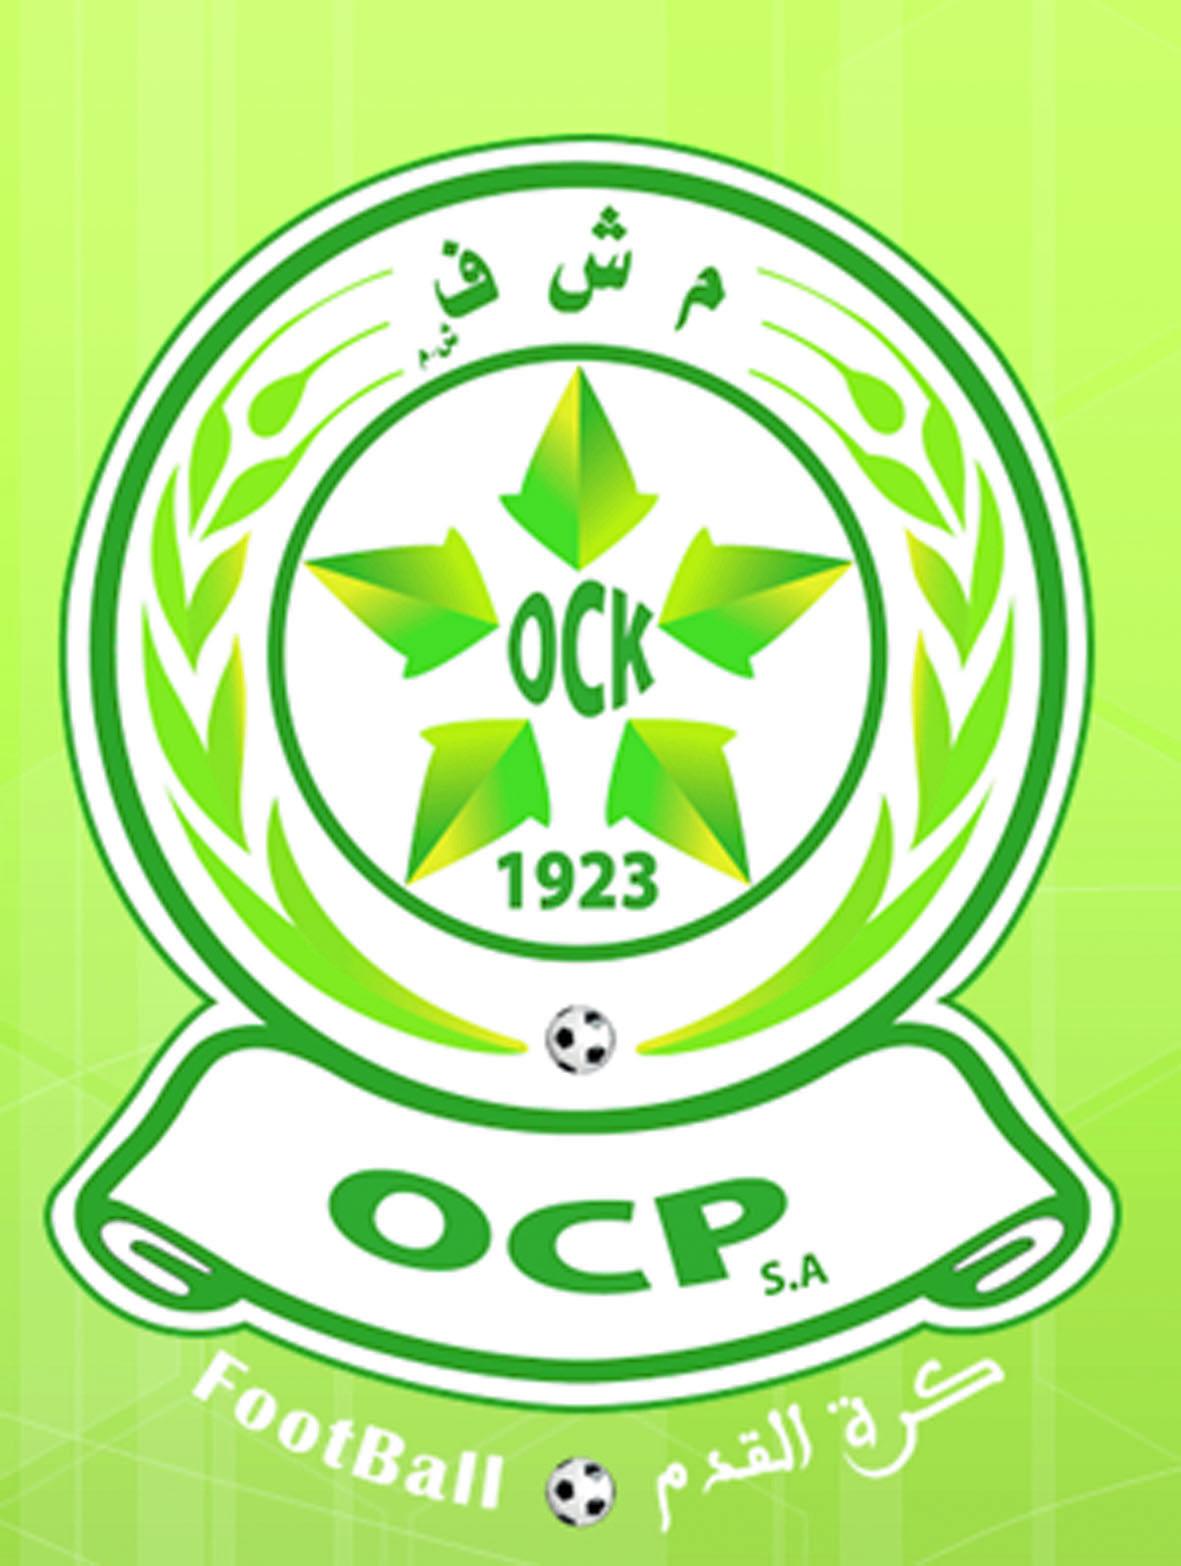 Moustafa Scadi rempile à la tête de l'OCK